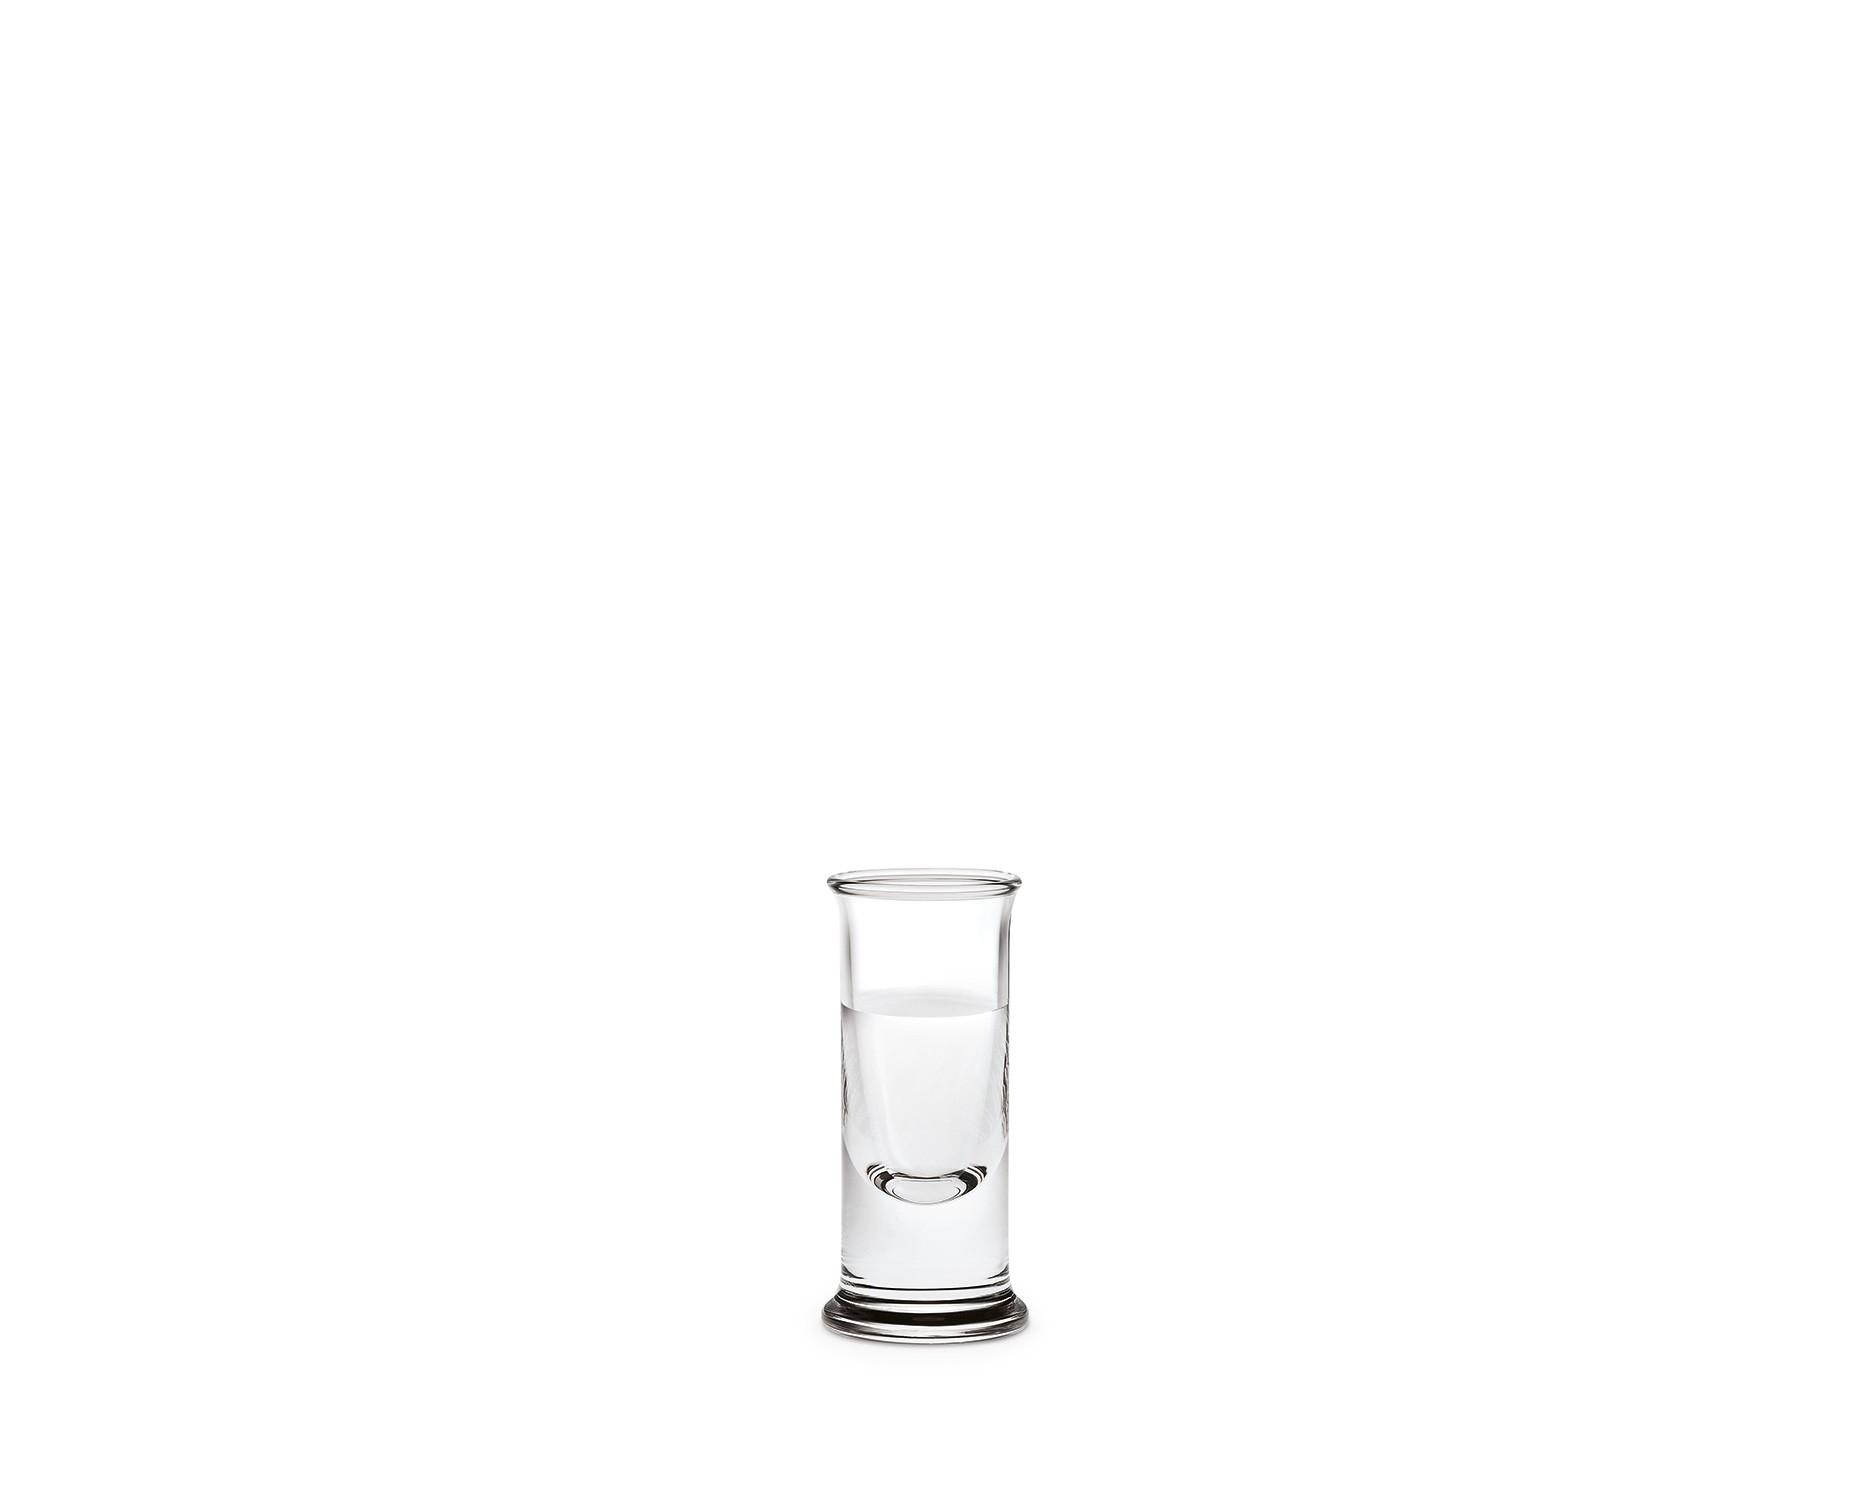 Holmegaard NO. 5 Schnapsglas 5cl